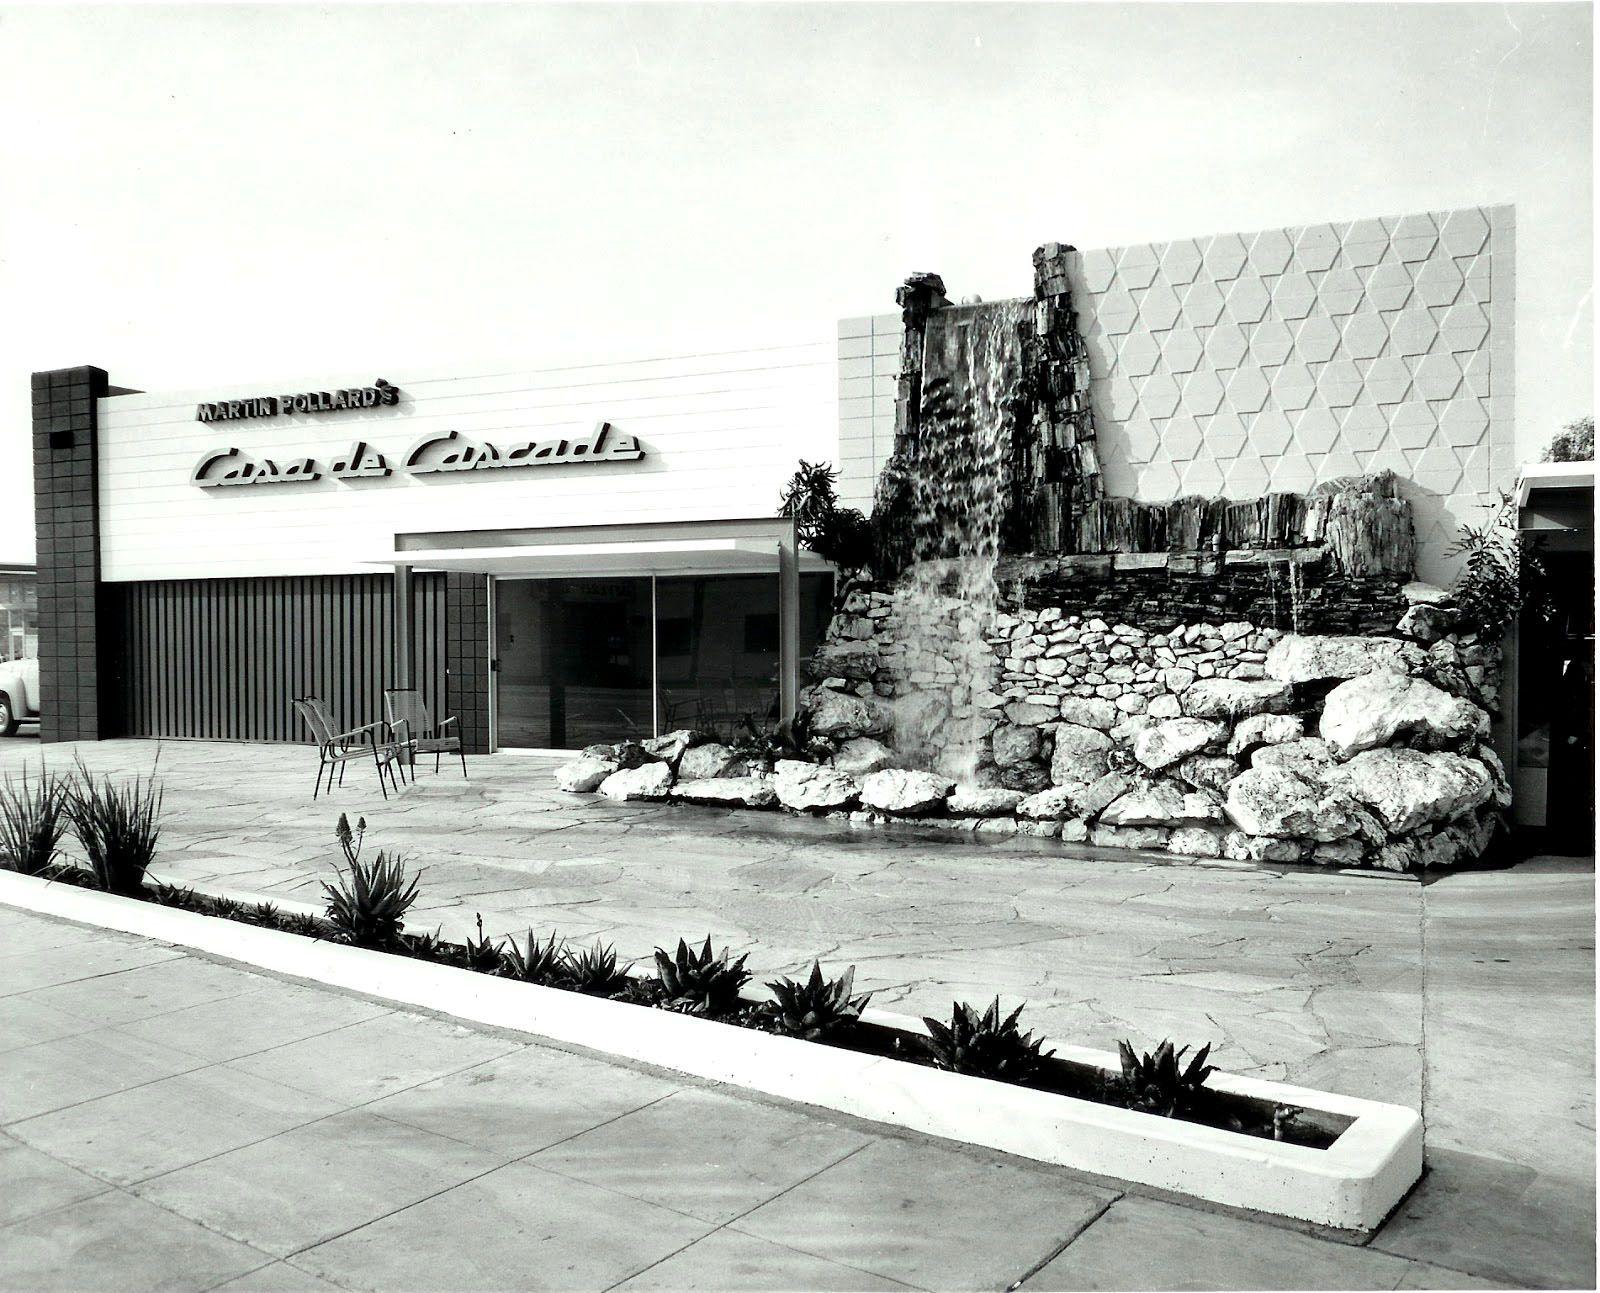 Casa De Cascade 1959 San Fernando Valley Vintage Los Angeles Ca History